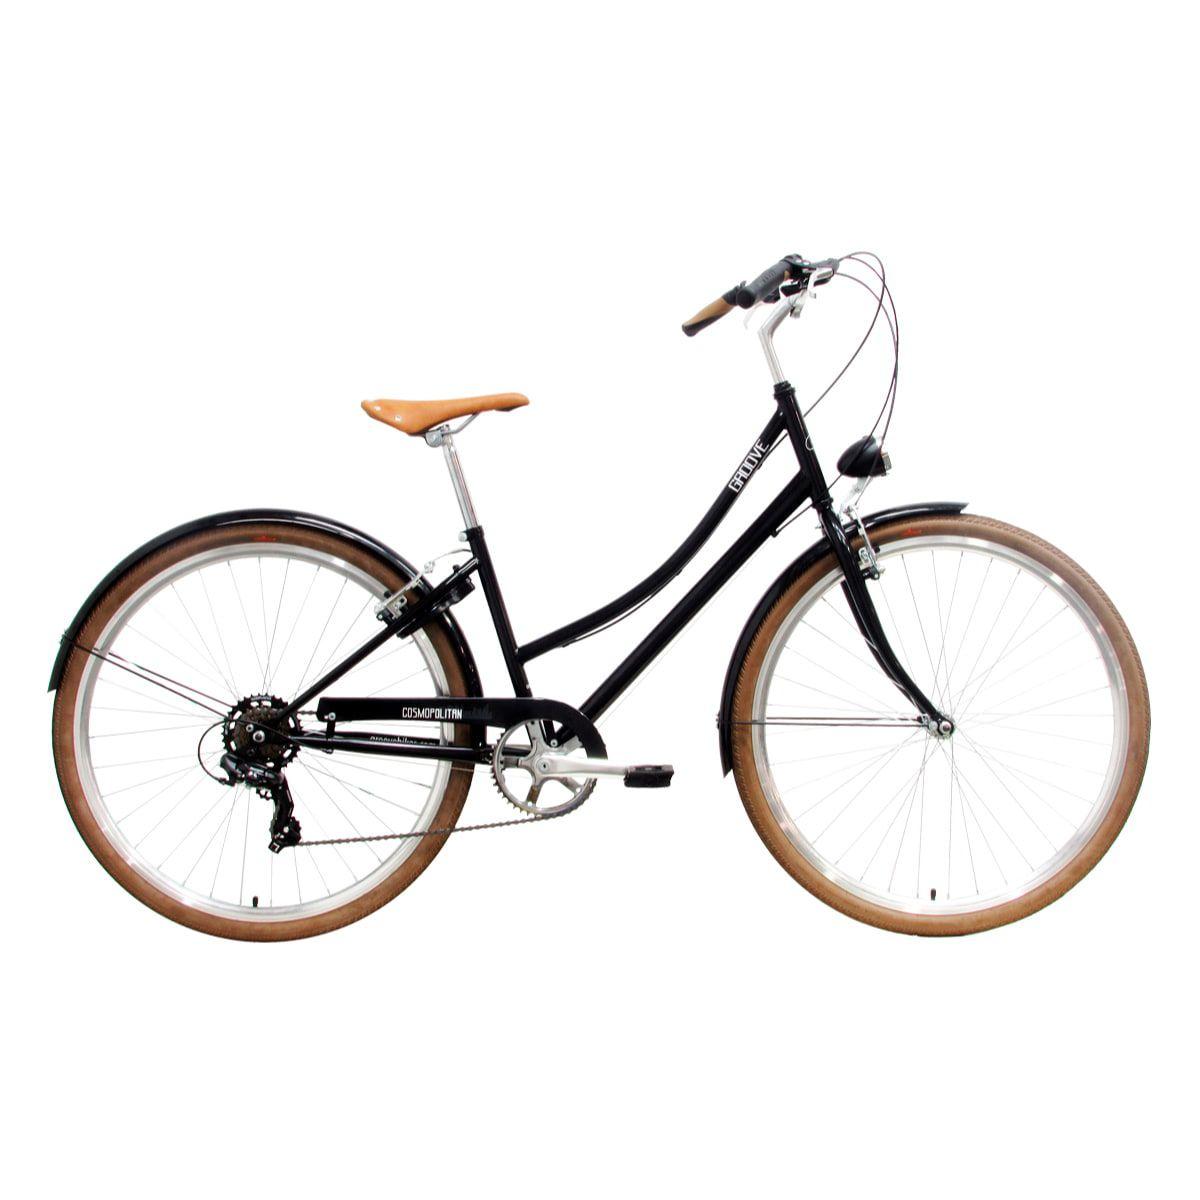 Bike Groove Cosmopolitan 7v 2019 Feminina Preta Easy Step